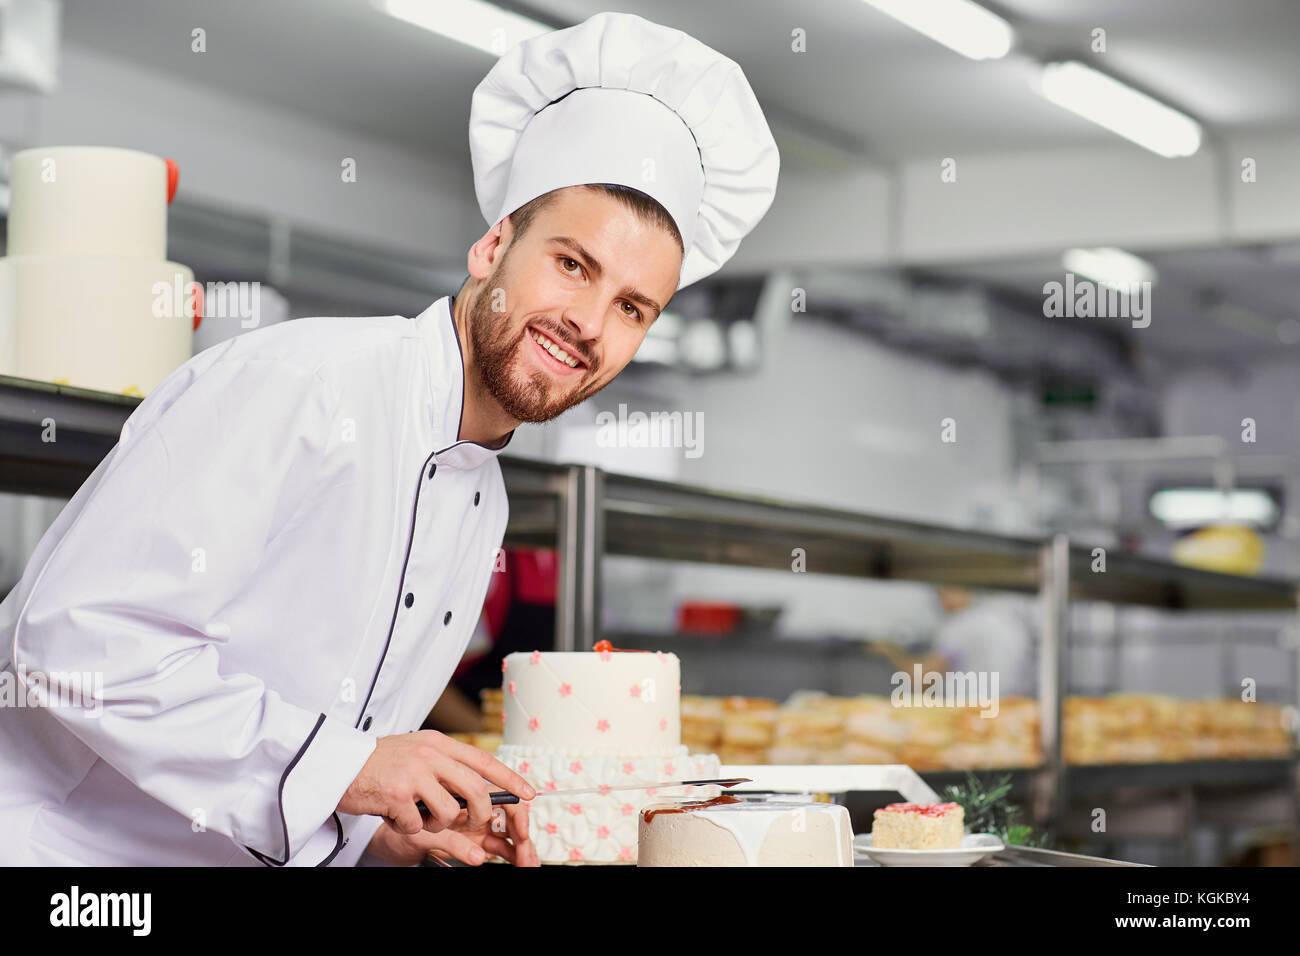 Pâtisserie gâteau chef homme dans la cuisine Photo Stock